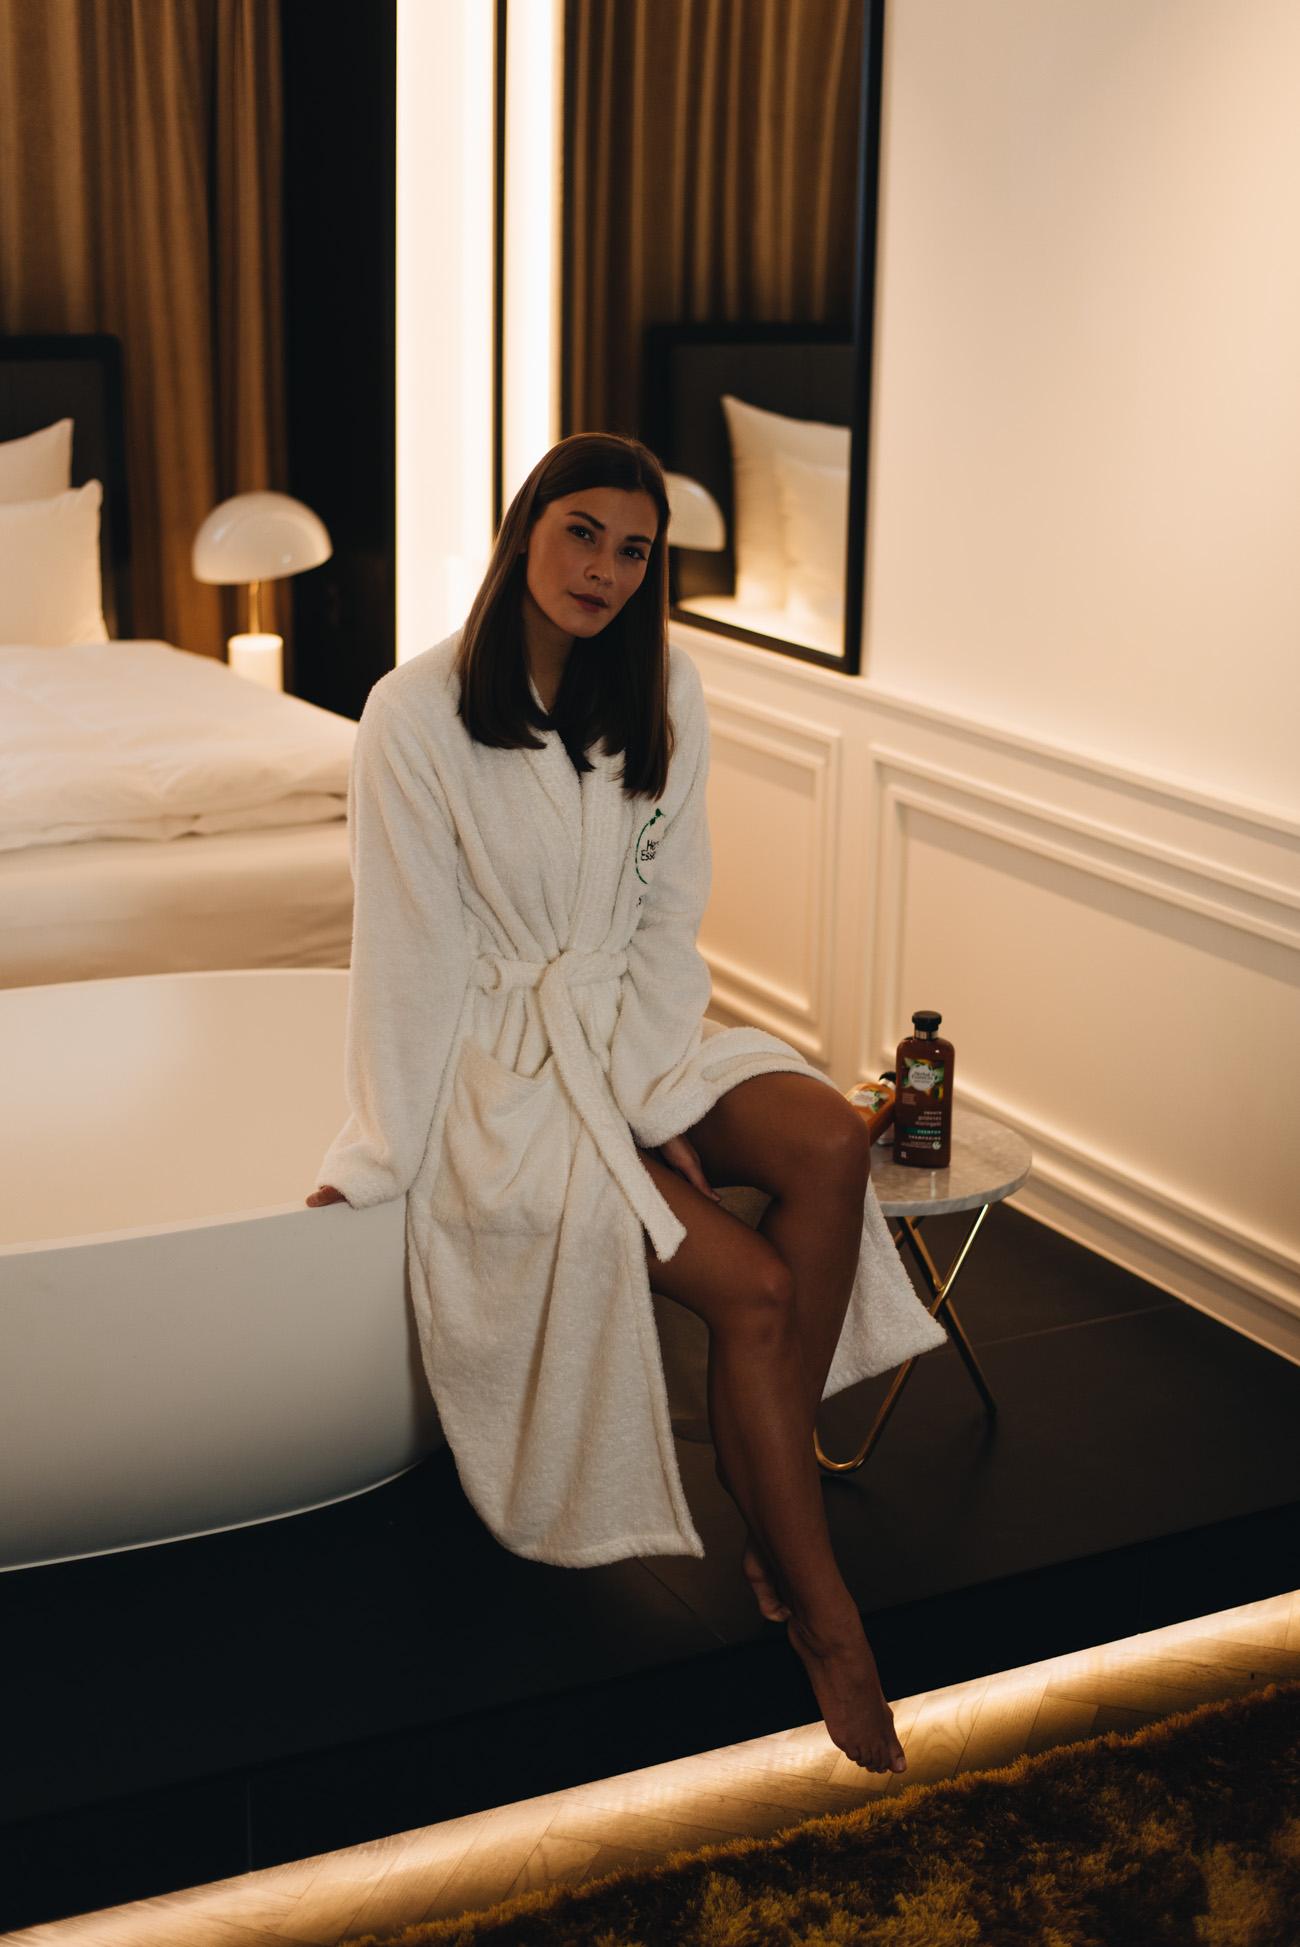 nina-schwichtenberg-beauty-bloggerin-deutschland-münchen-haar-pflege-tipps-fashiioncarpet-